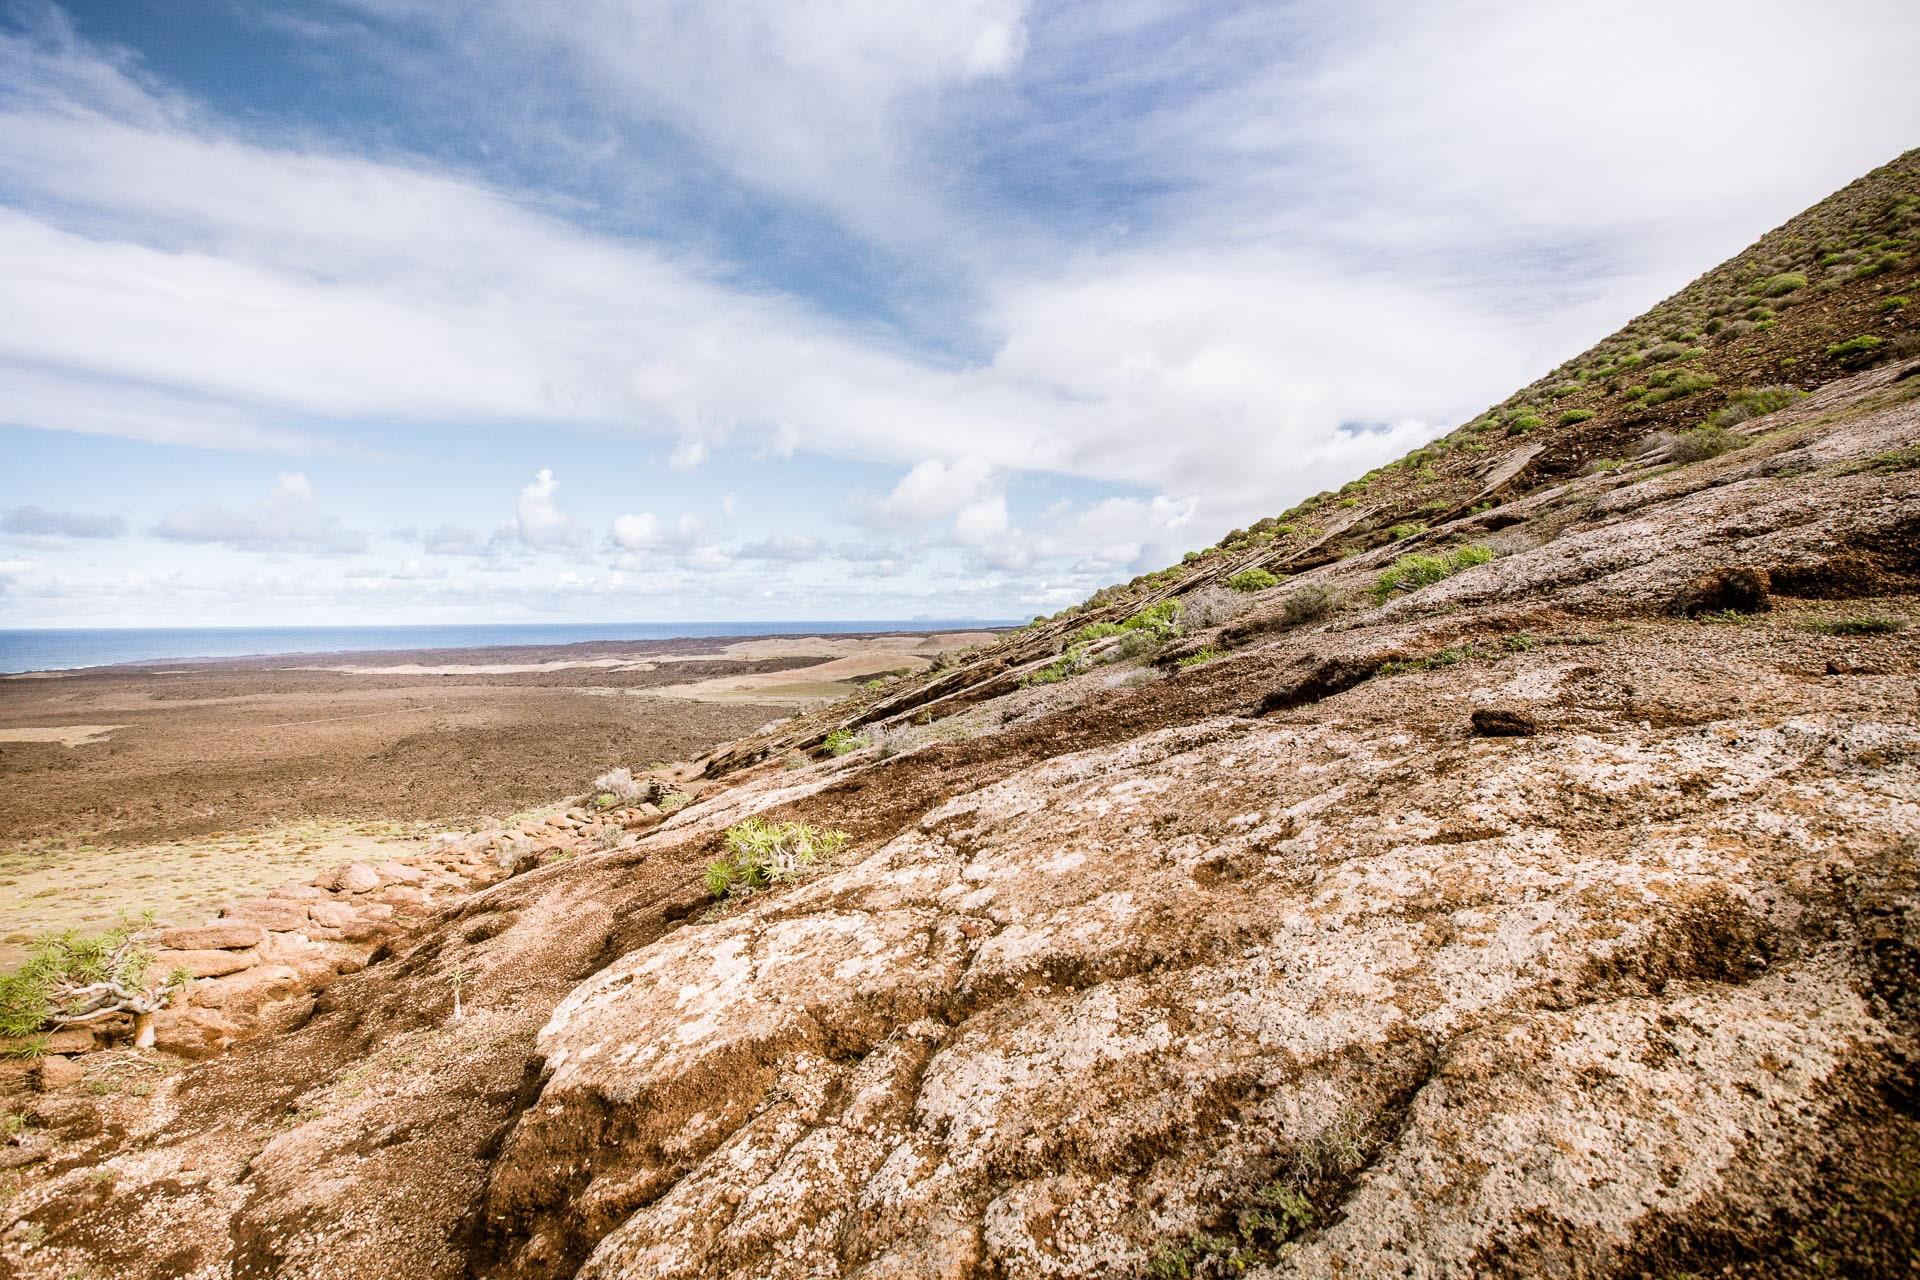 Versant du volcan Caldera Blanca à Lanzarote